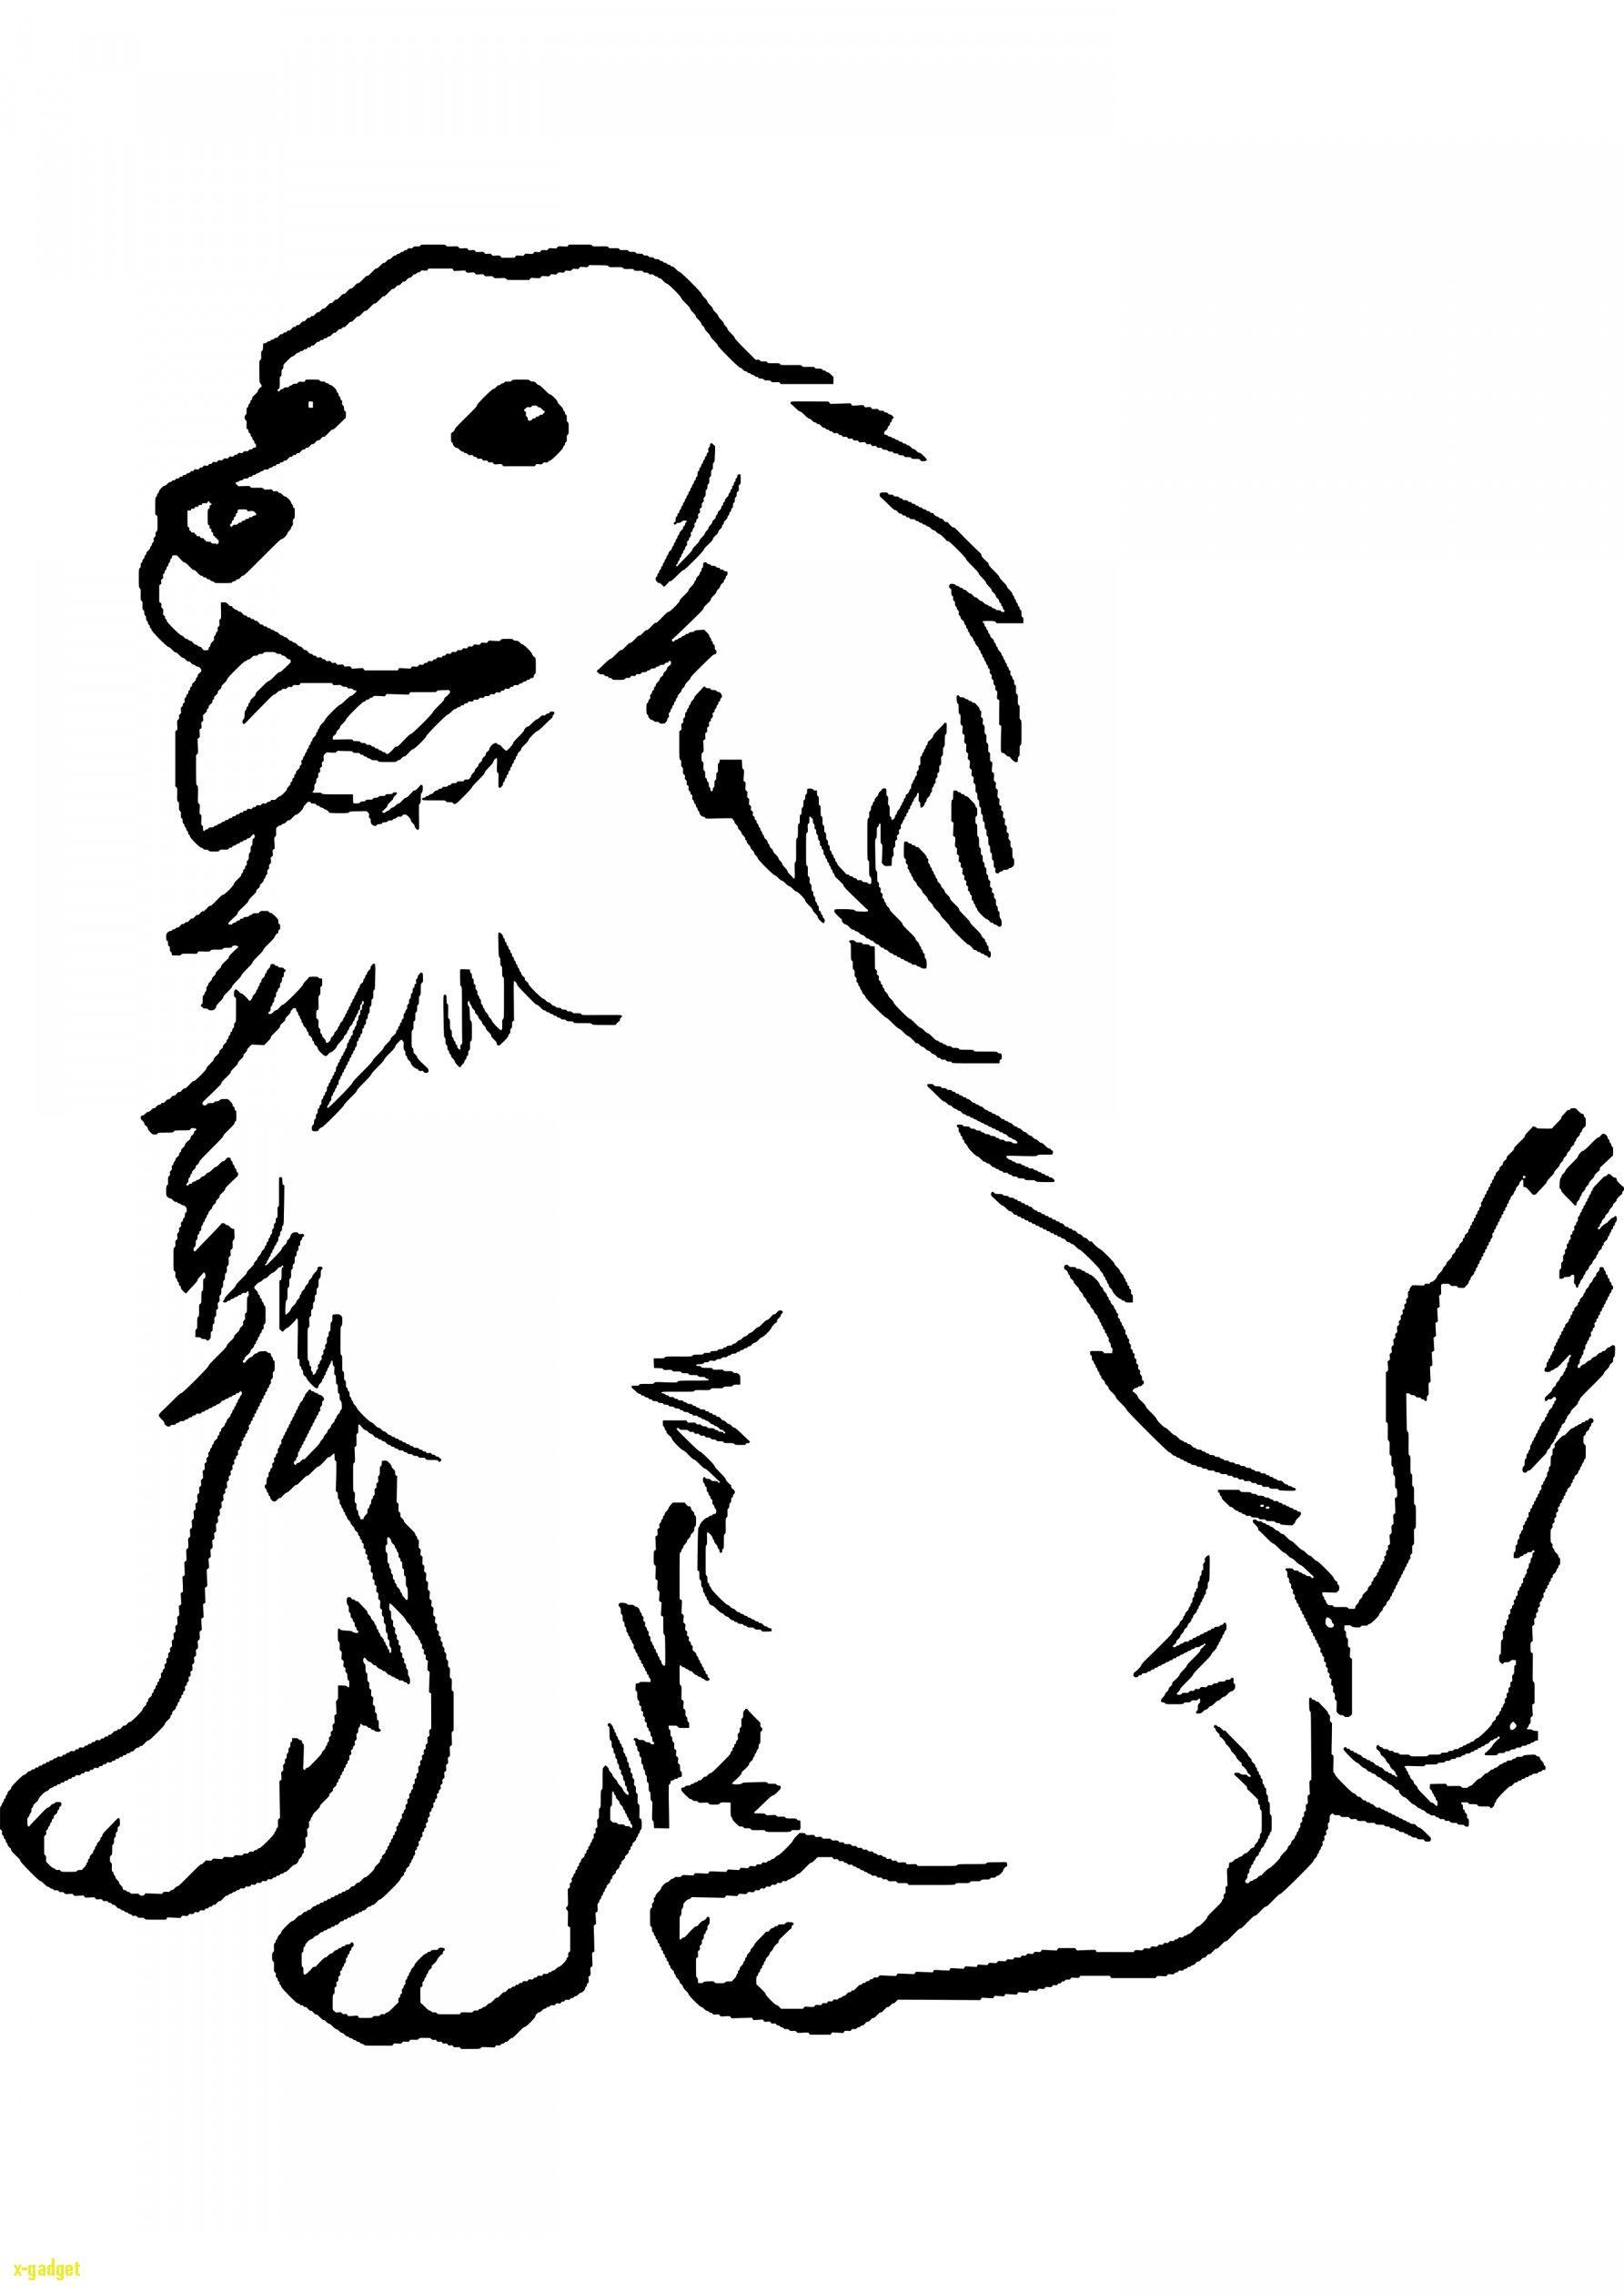 Einzigartig Malvorlage Hund #Malvorlagen #MalvorlagenfürKinder